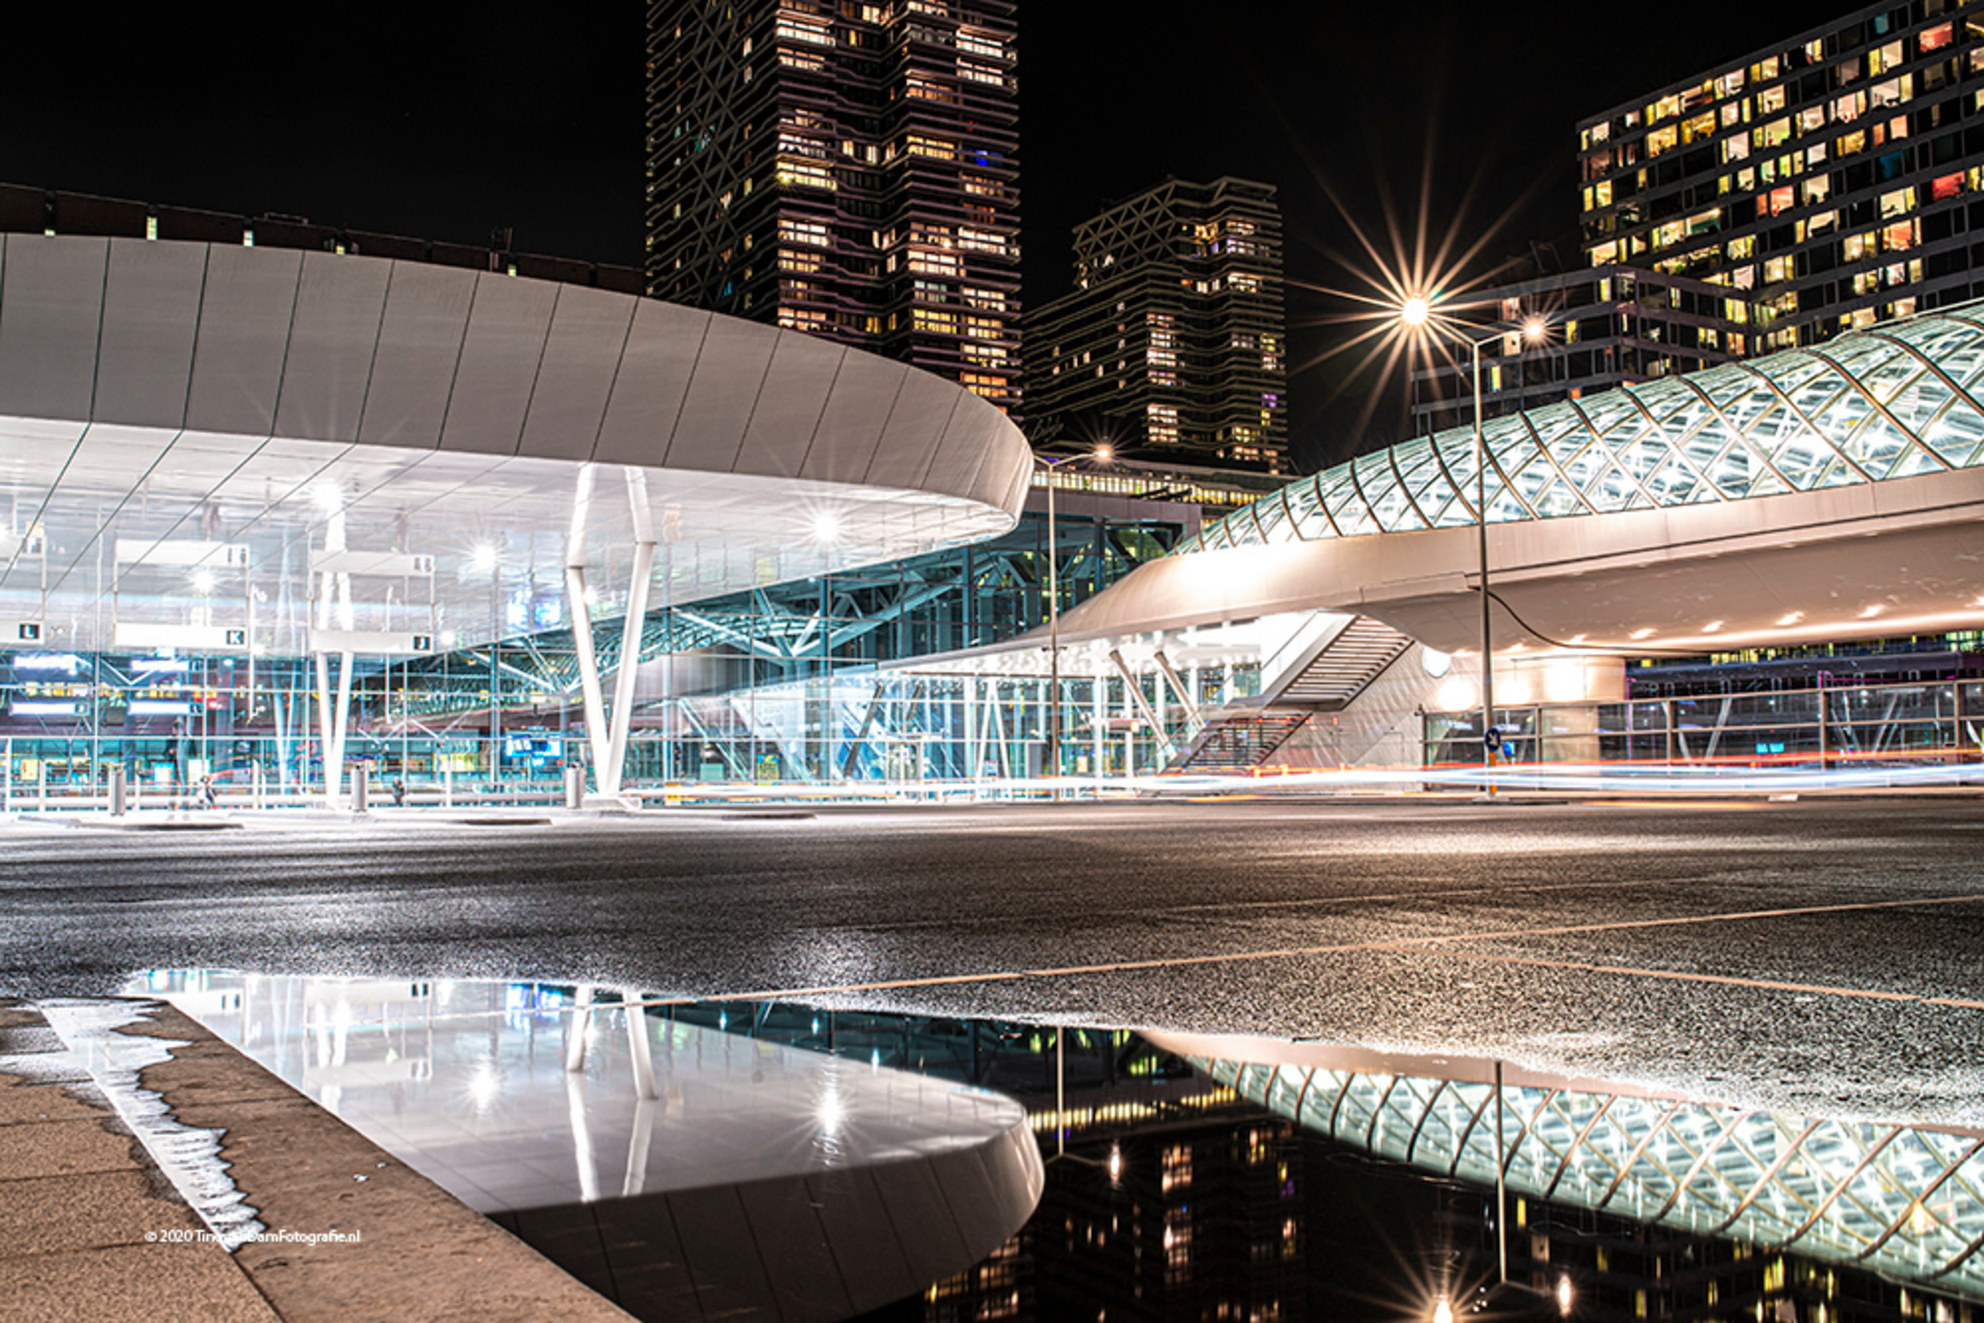 Oh oh Den Haag - Nieuw busplatform op Den Haag Centraal. Strakke architectuur. Gebruik gemaakt van een nightfilter van Nisi. - foto door tvdam_zoom op 18-11-2020 - deze foto bevat: nachtfotografie, centraal, avondfotografie, Den Haag, lange sluitertijd, nightfilter - Deze foto mag gebruikt worden in een Zoom.nl publicatie